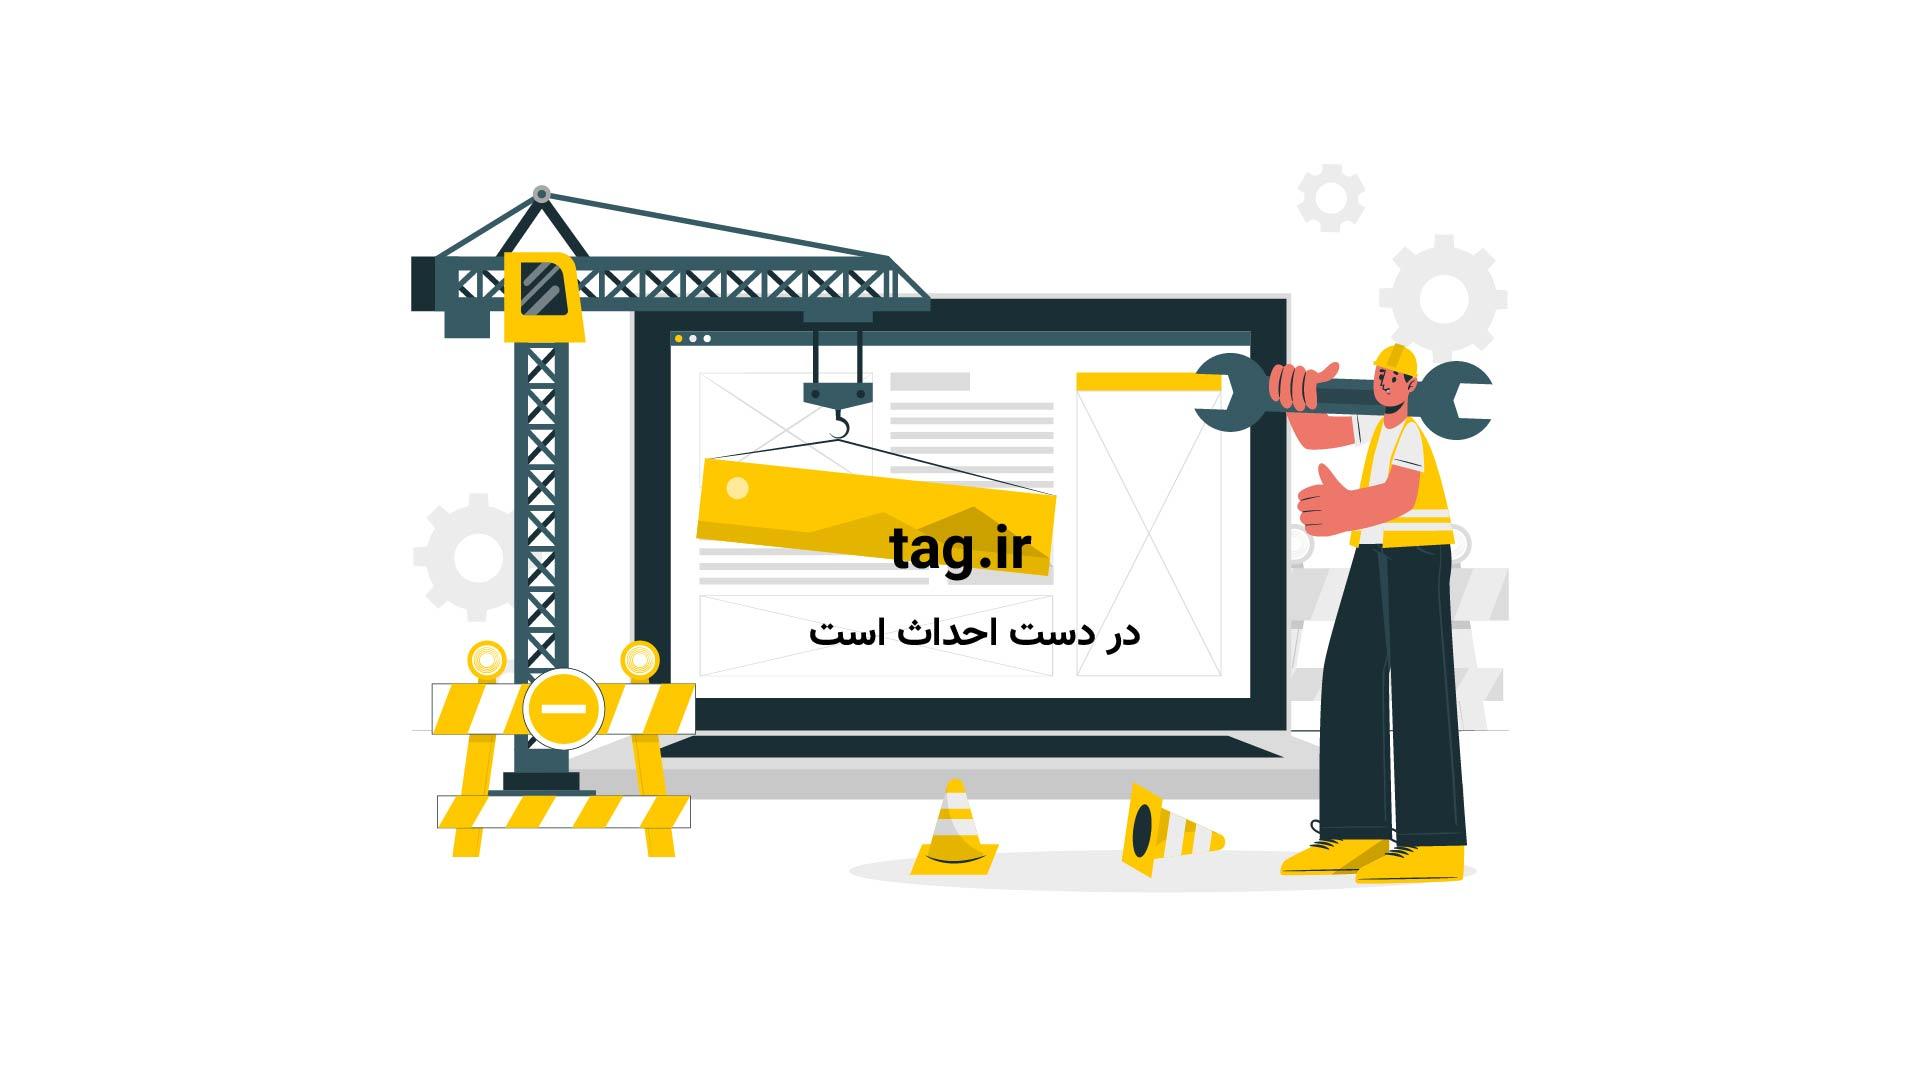 کارتون انگری بردز؛ این قسمت وقت ناهار | فیلم